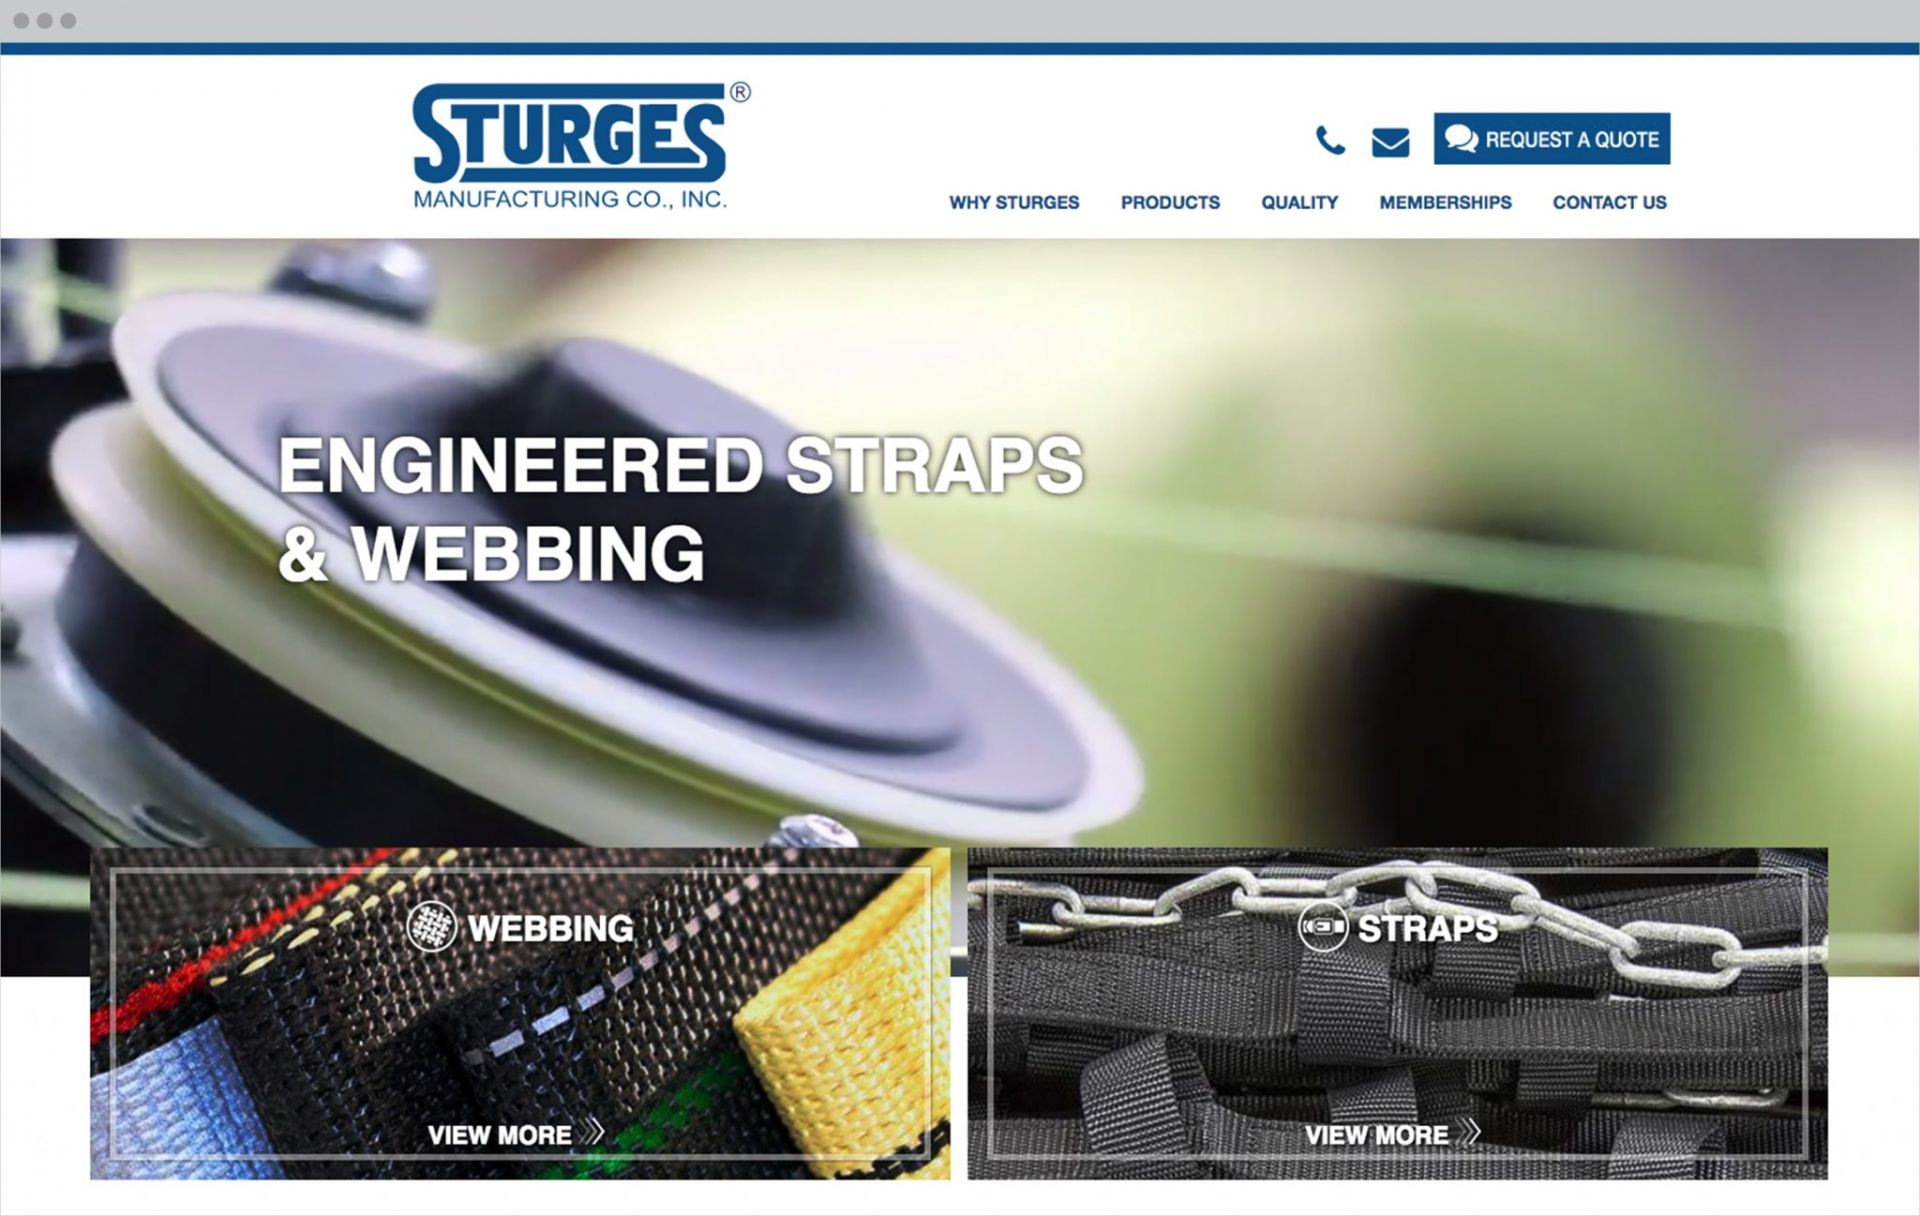 Sturges Website Mockup